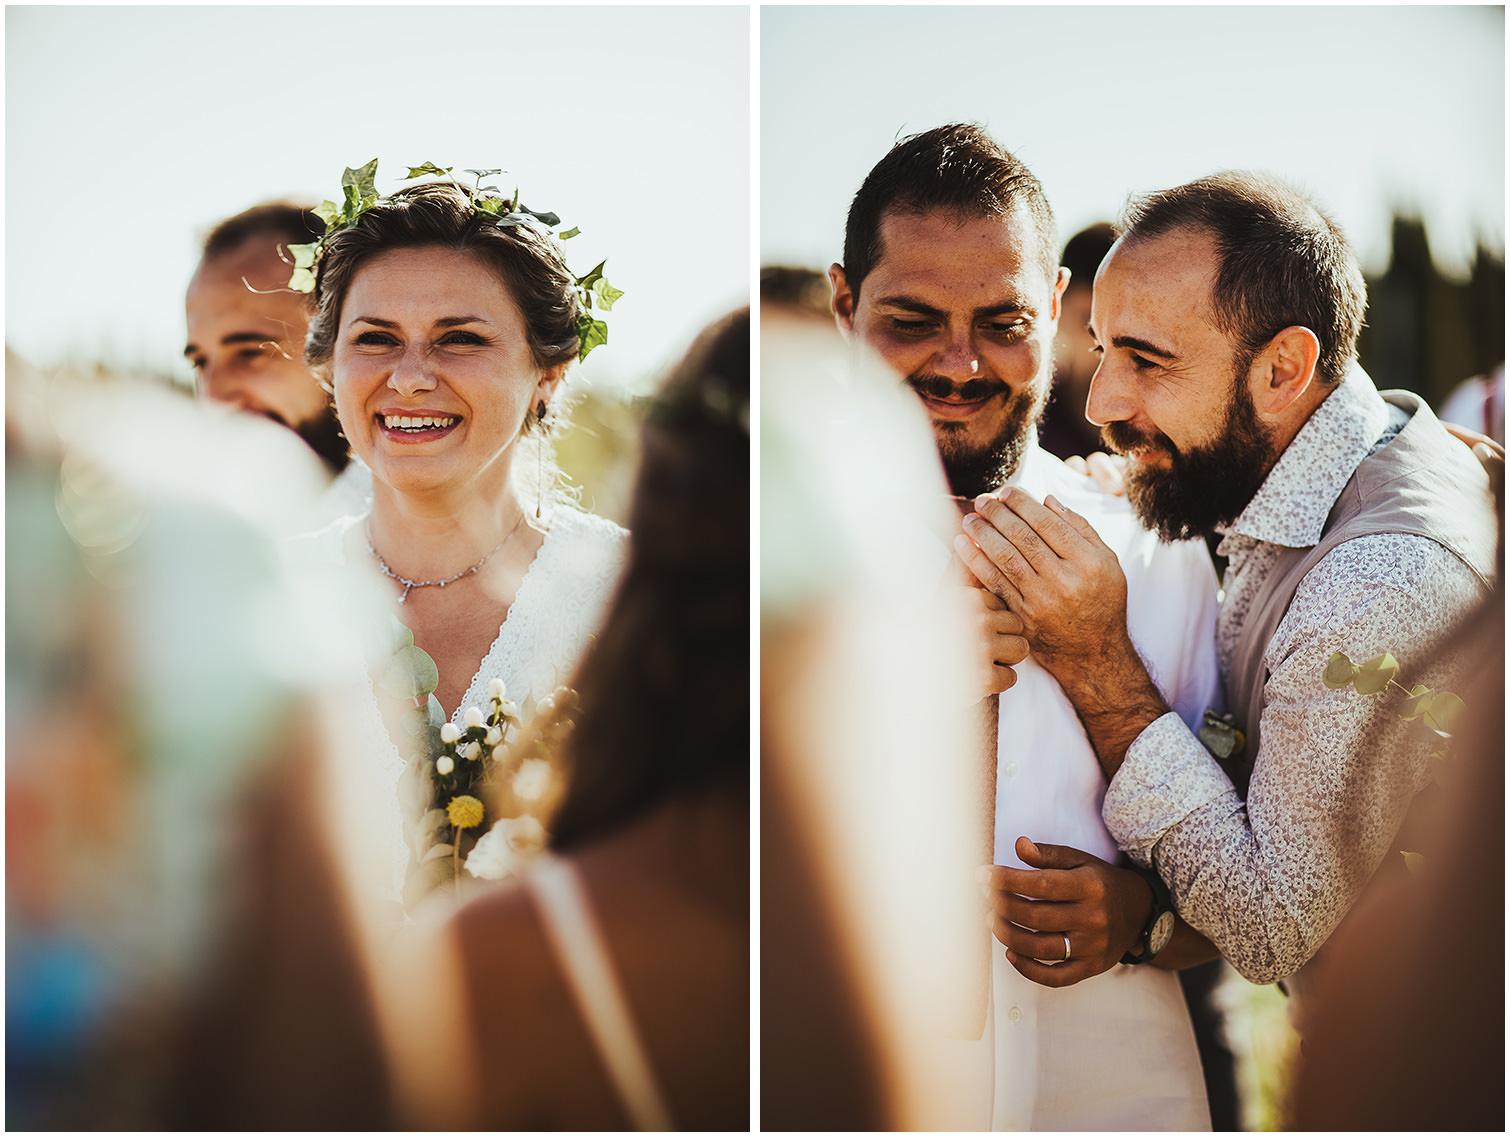 CLARA-RICCARDO-MATRIMONIO-CIRCO-VOLAVOILA-ROMA-SARA-LORENZONI-WEDDING-PHOTOGRAPHY-017